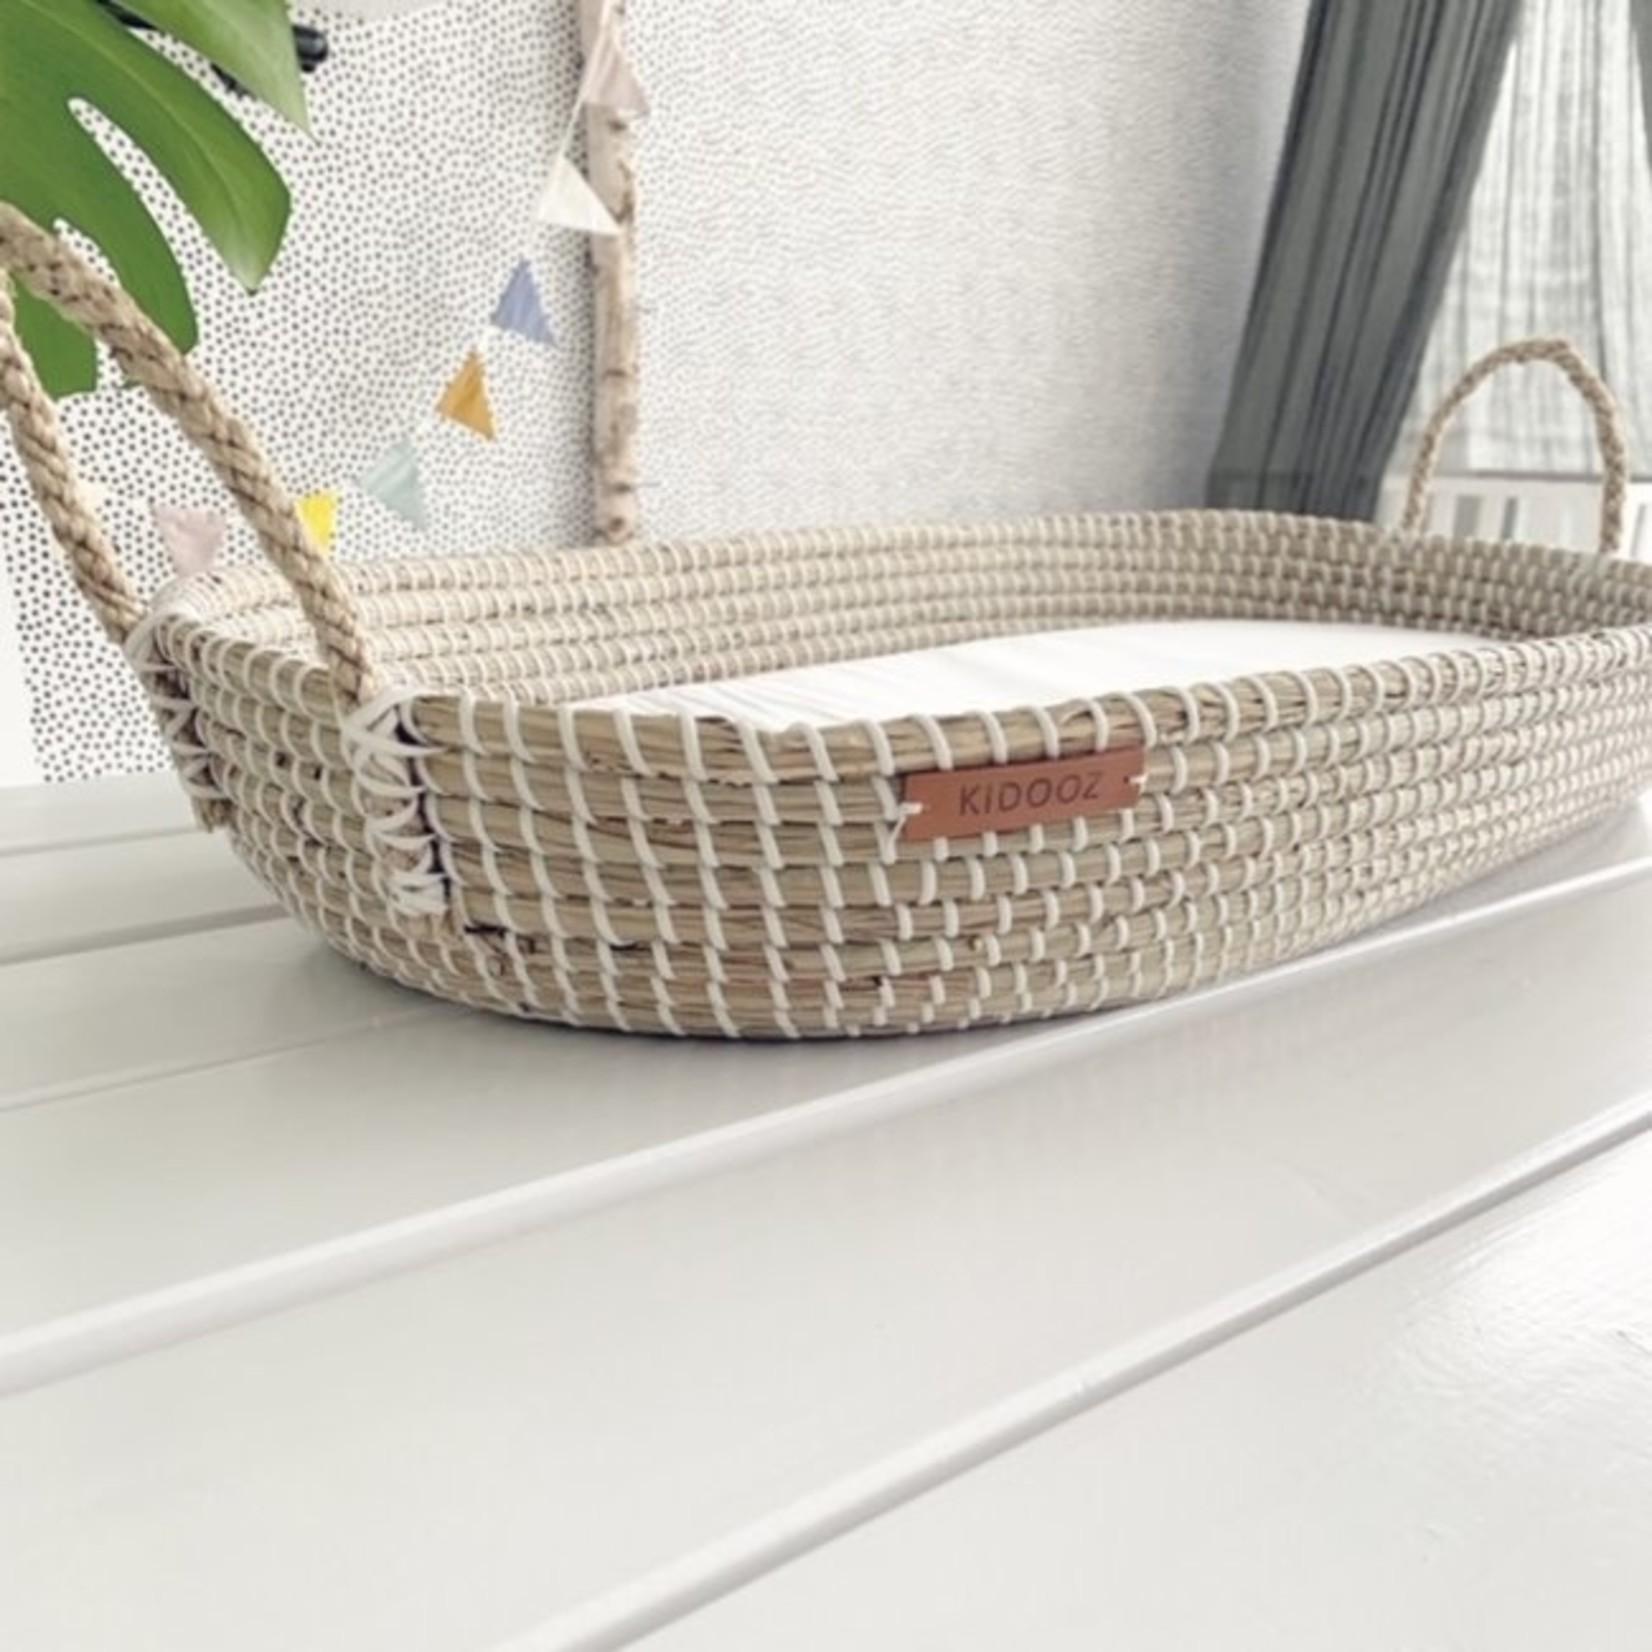 Kidooz Verschoonmandje zeegras inclusief matras